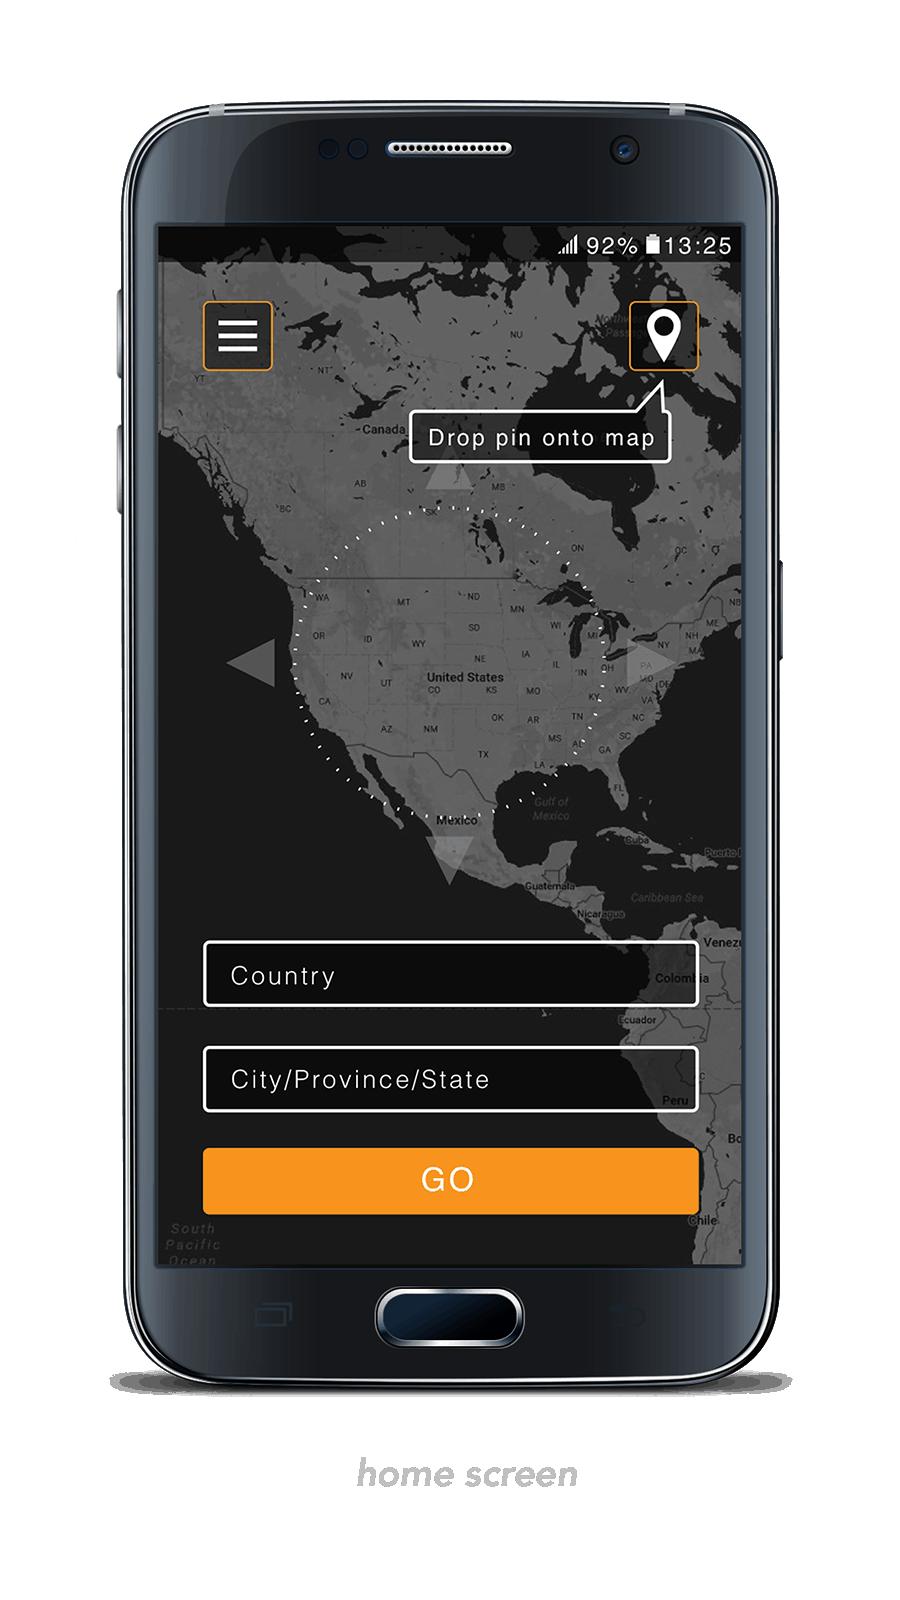 1A-Phone-web